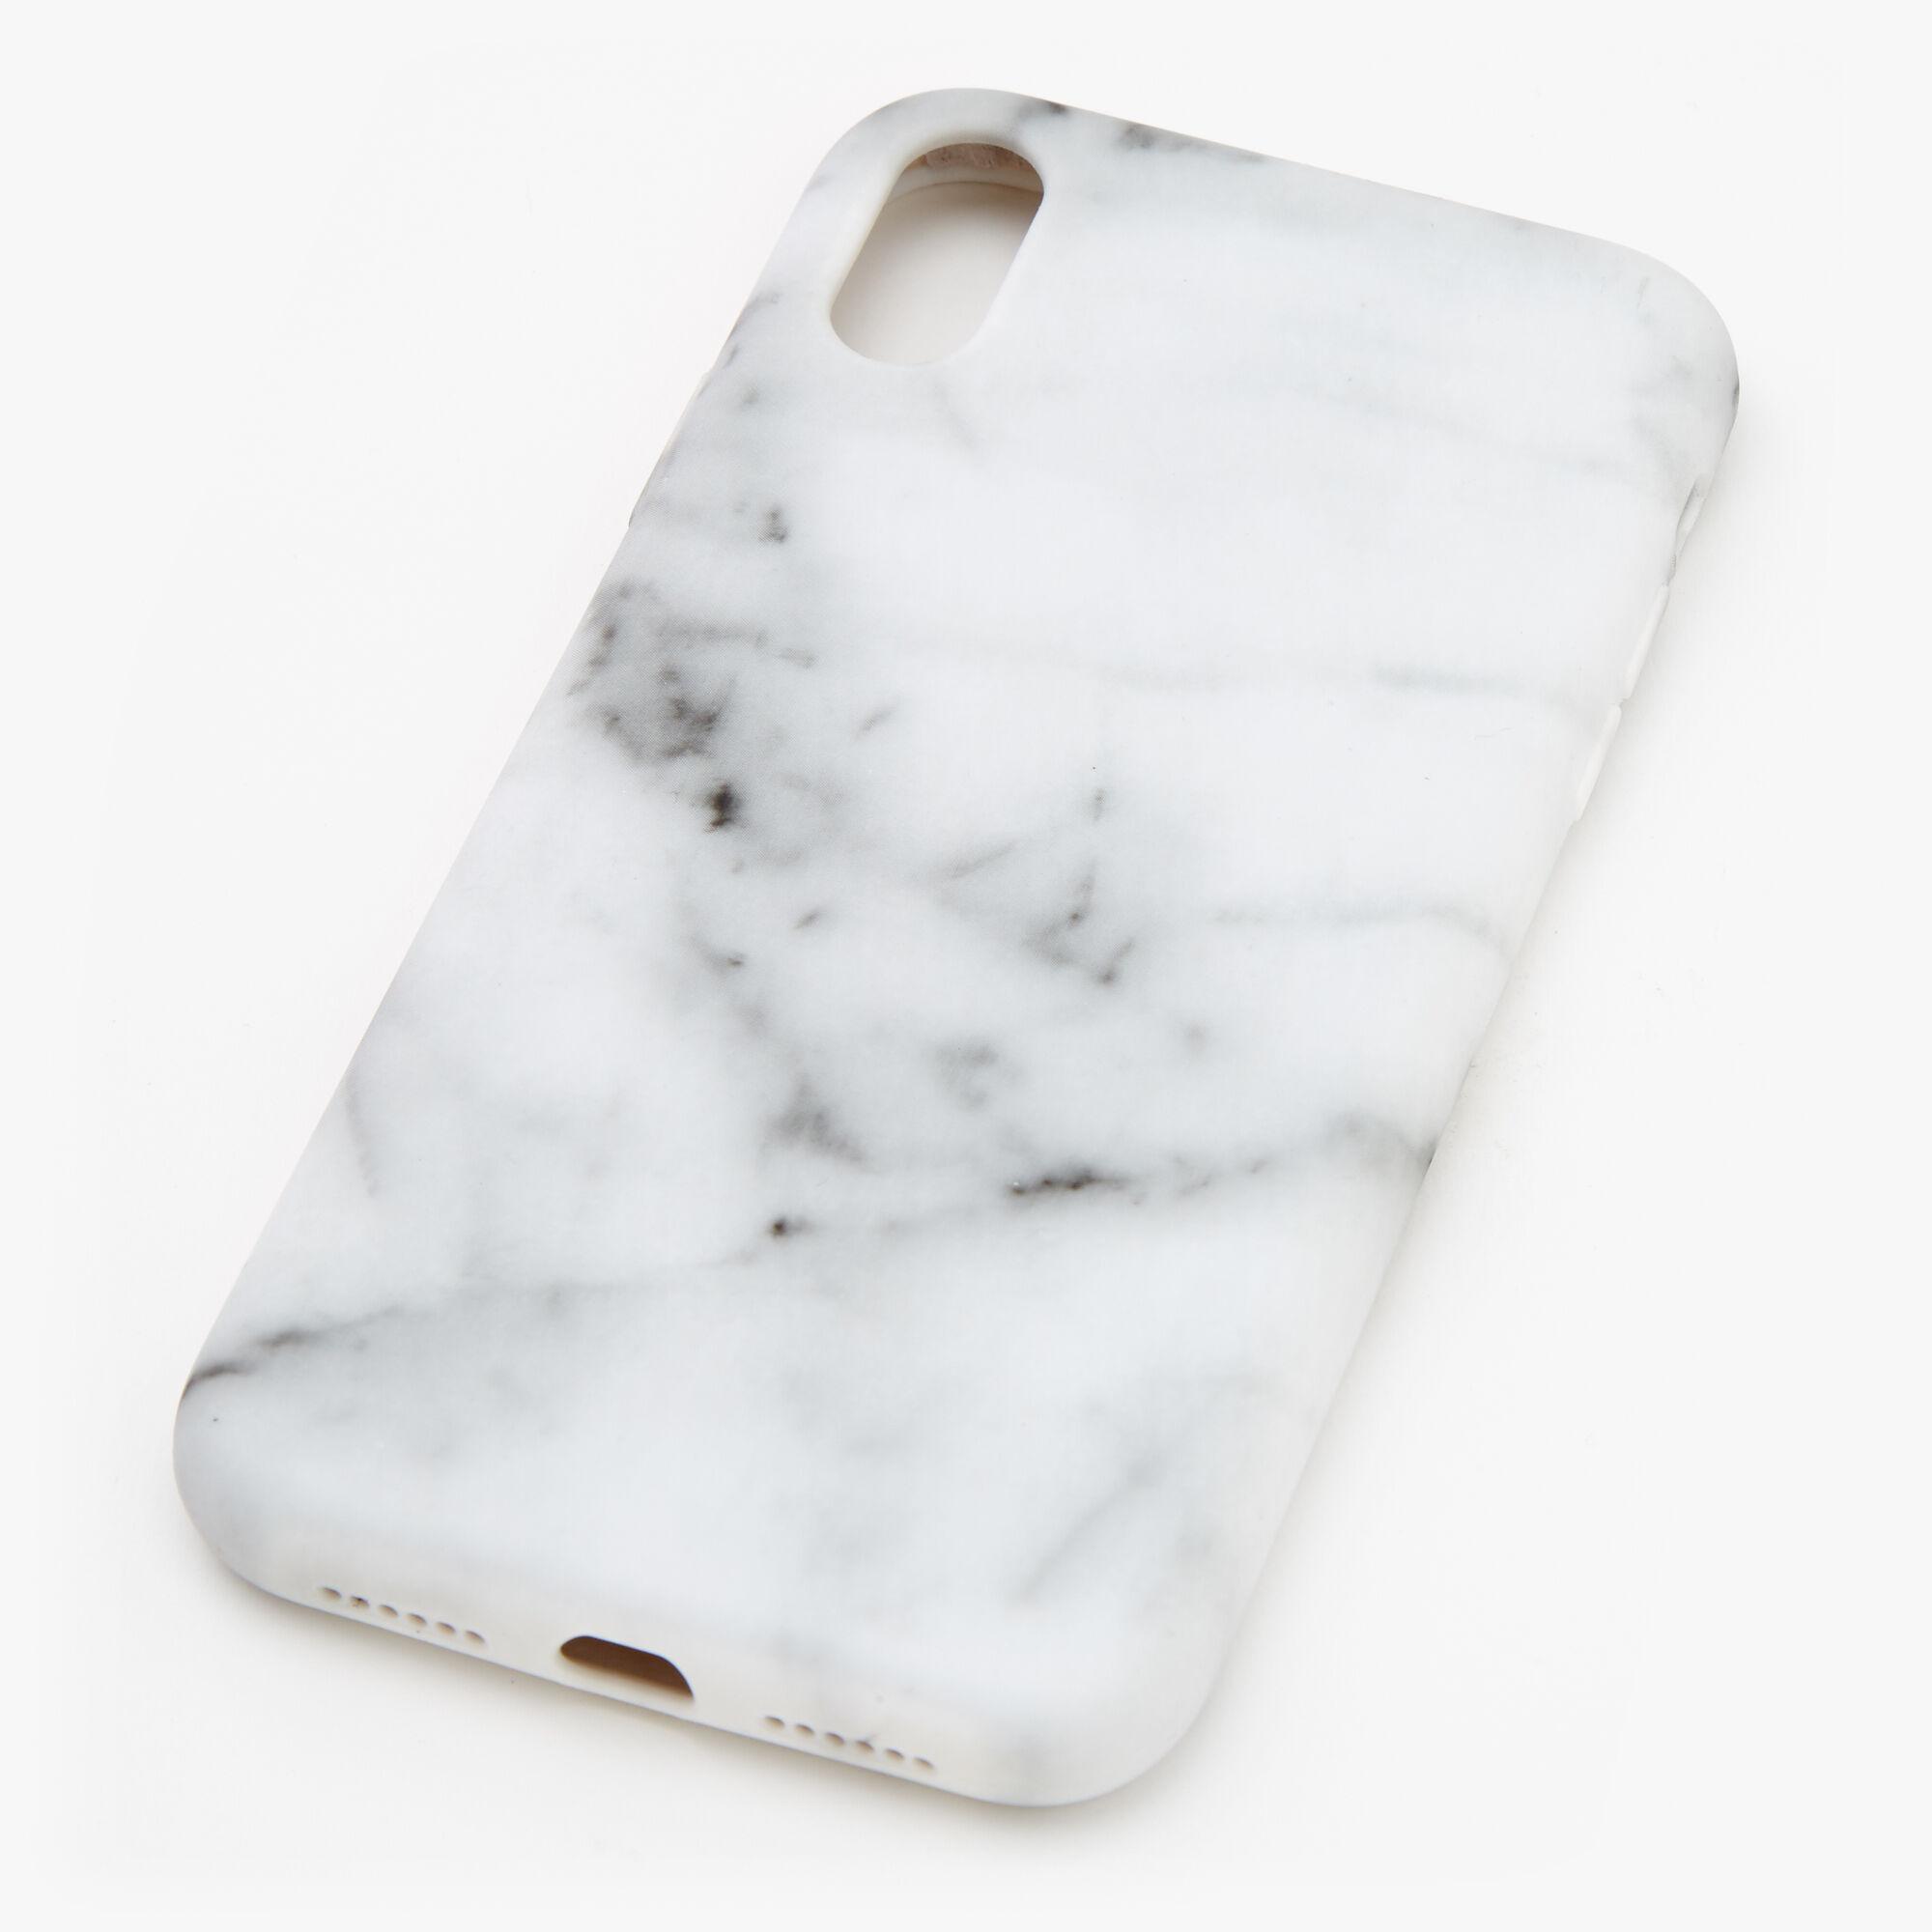 Coque de portable protectrice blanche effet marbré - Compatible avec iPhone XR